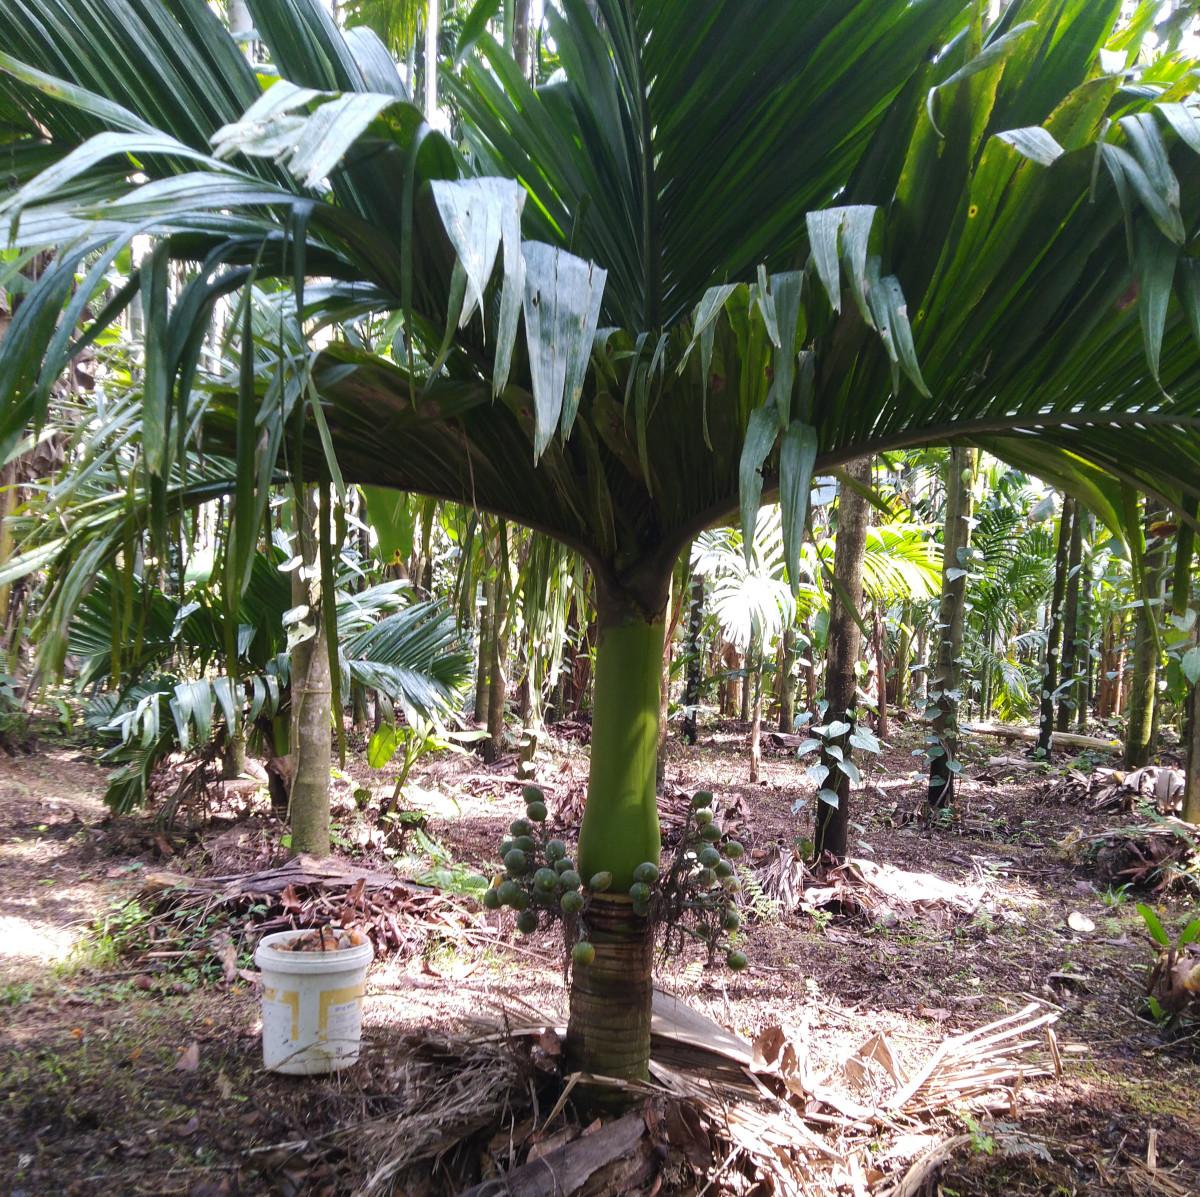 Dwarf arecanut palm